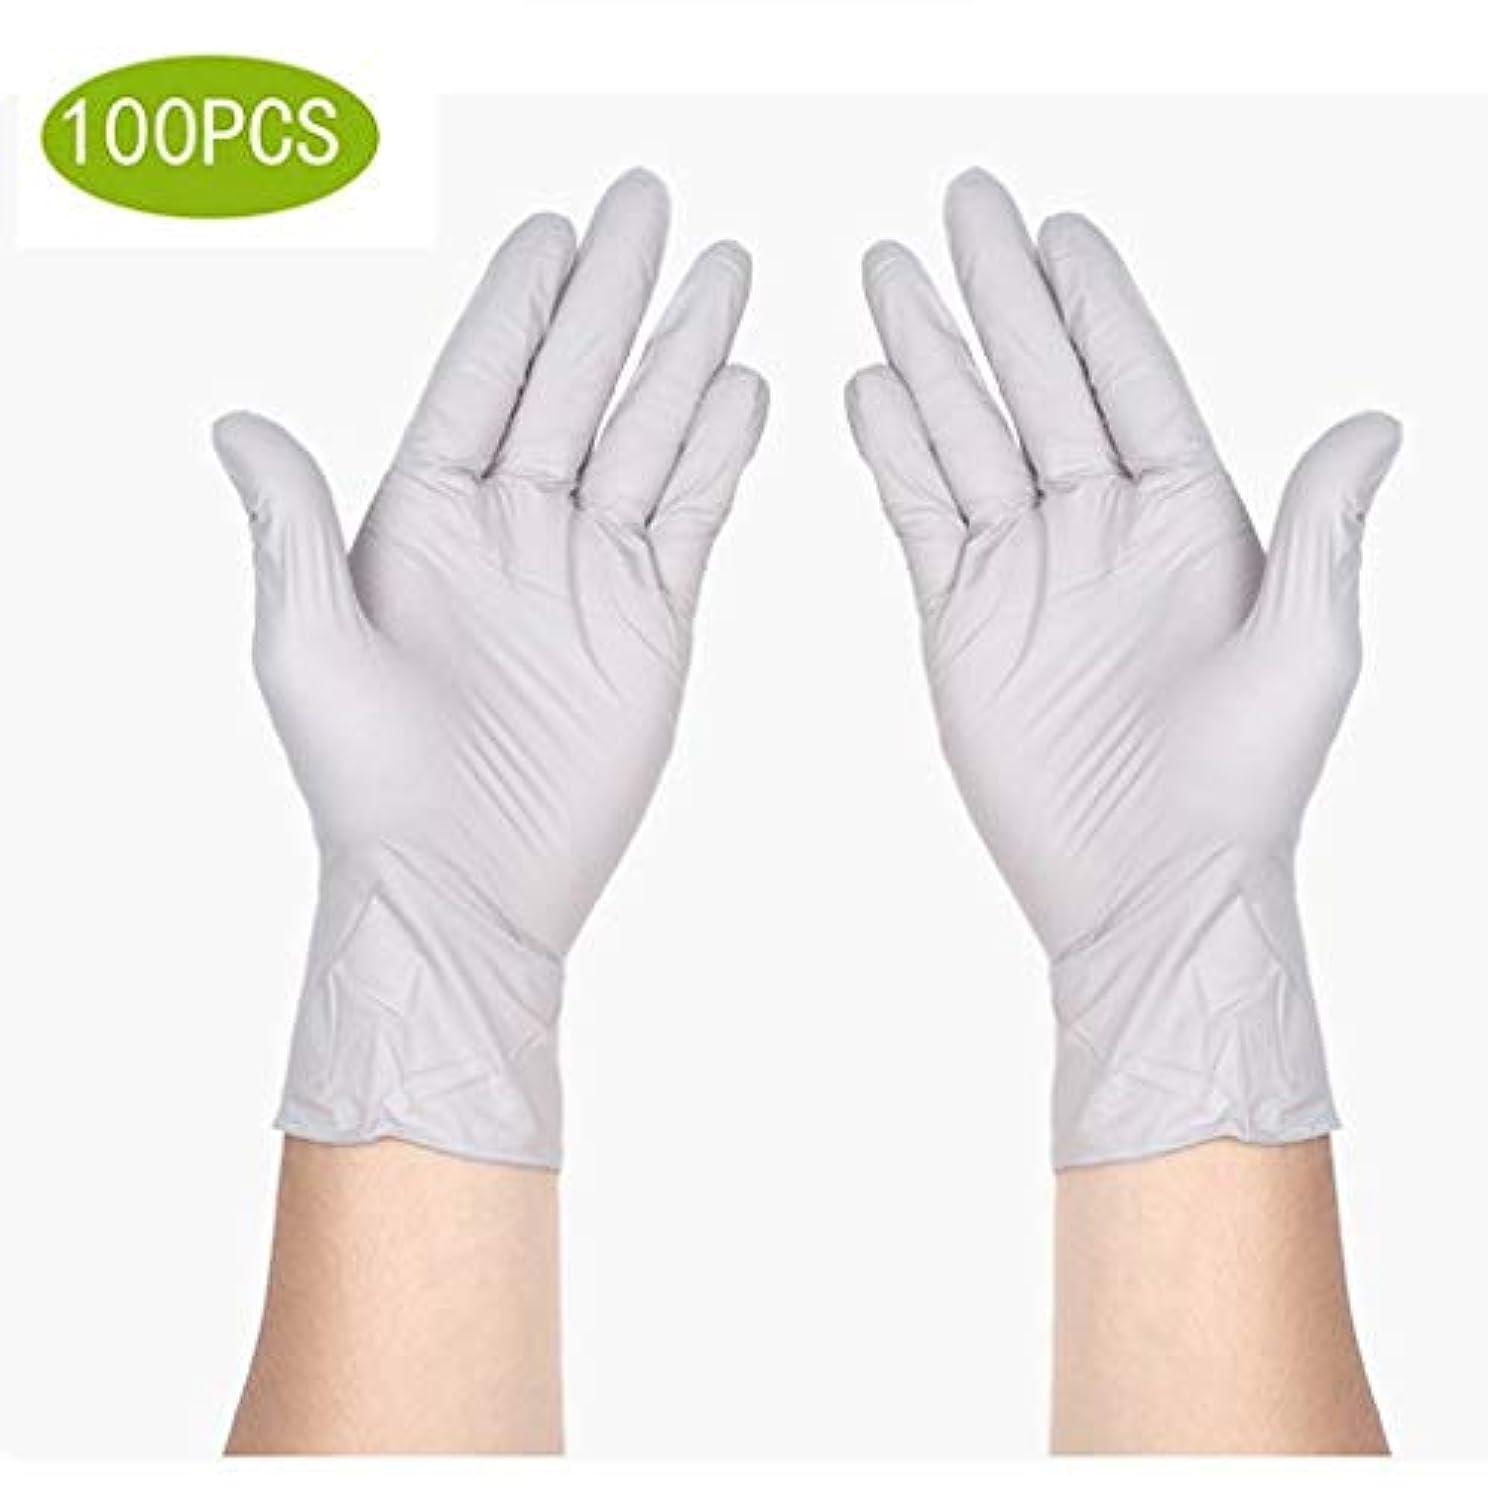 デッキ州関係ないサニタリー手袋ニトリル医療グレード試験用手袋、使い捨て、ラテックスフリー、100カウント滅菌使い捨て安全手袋 (Size : L)